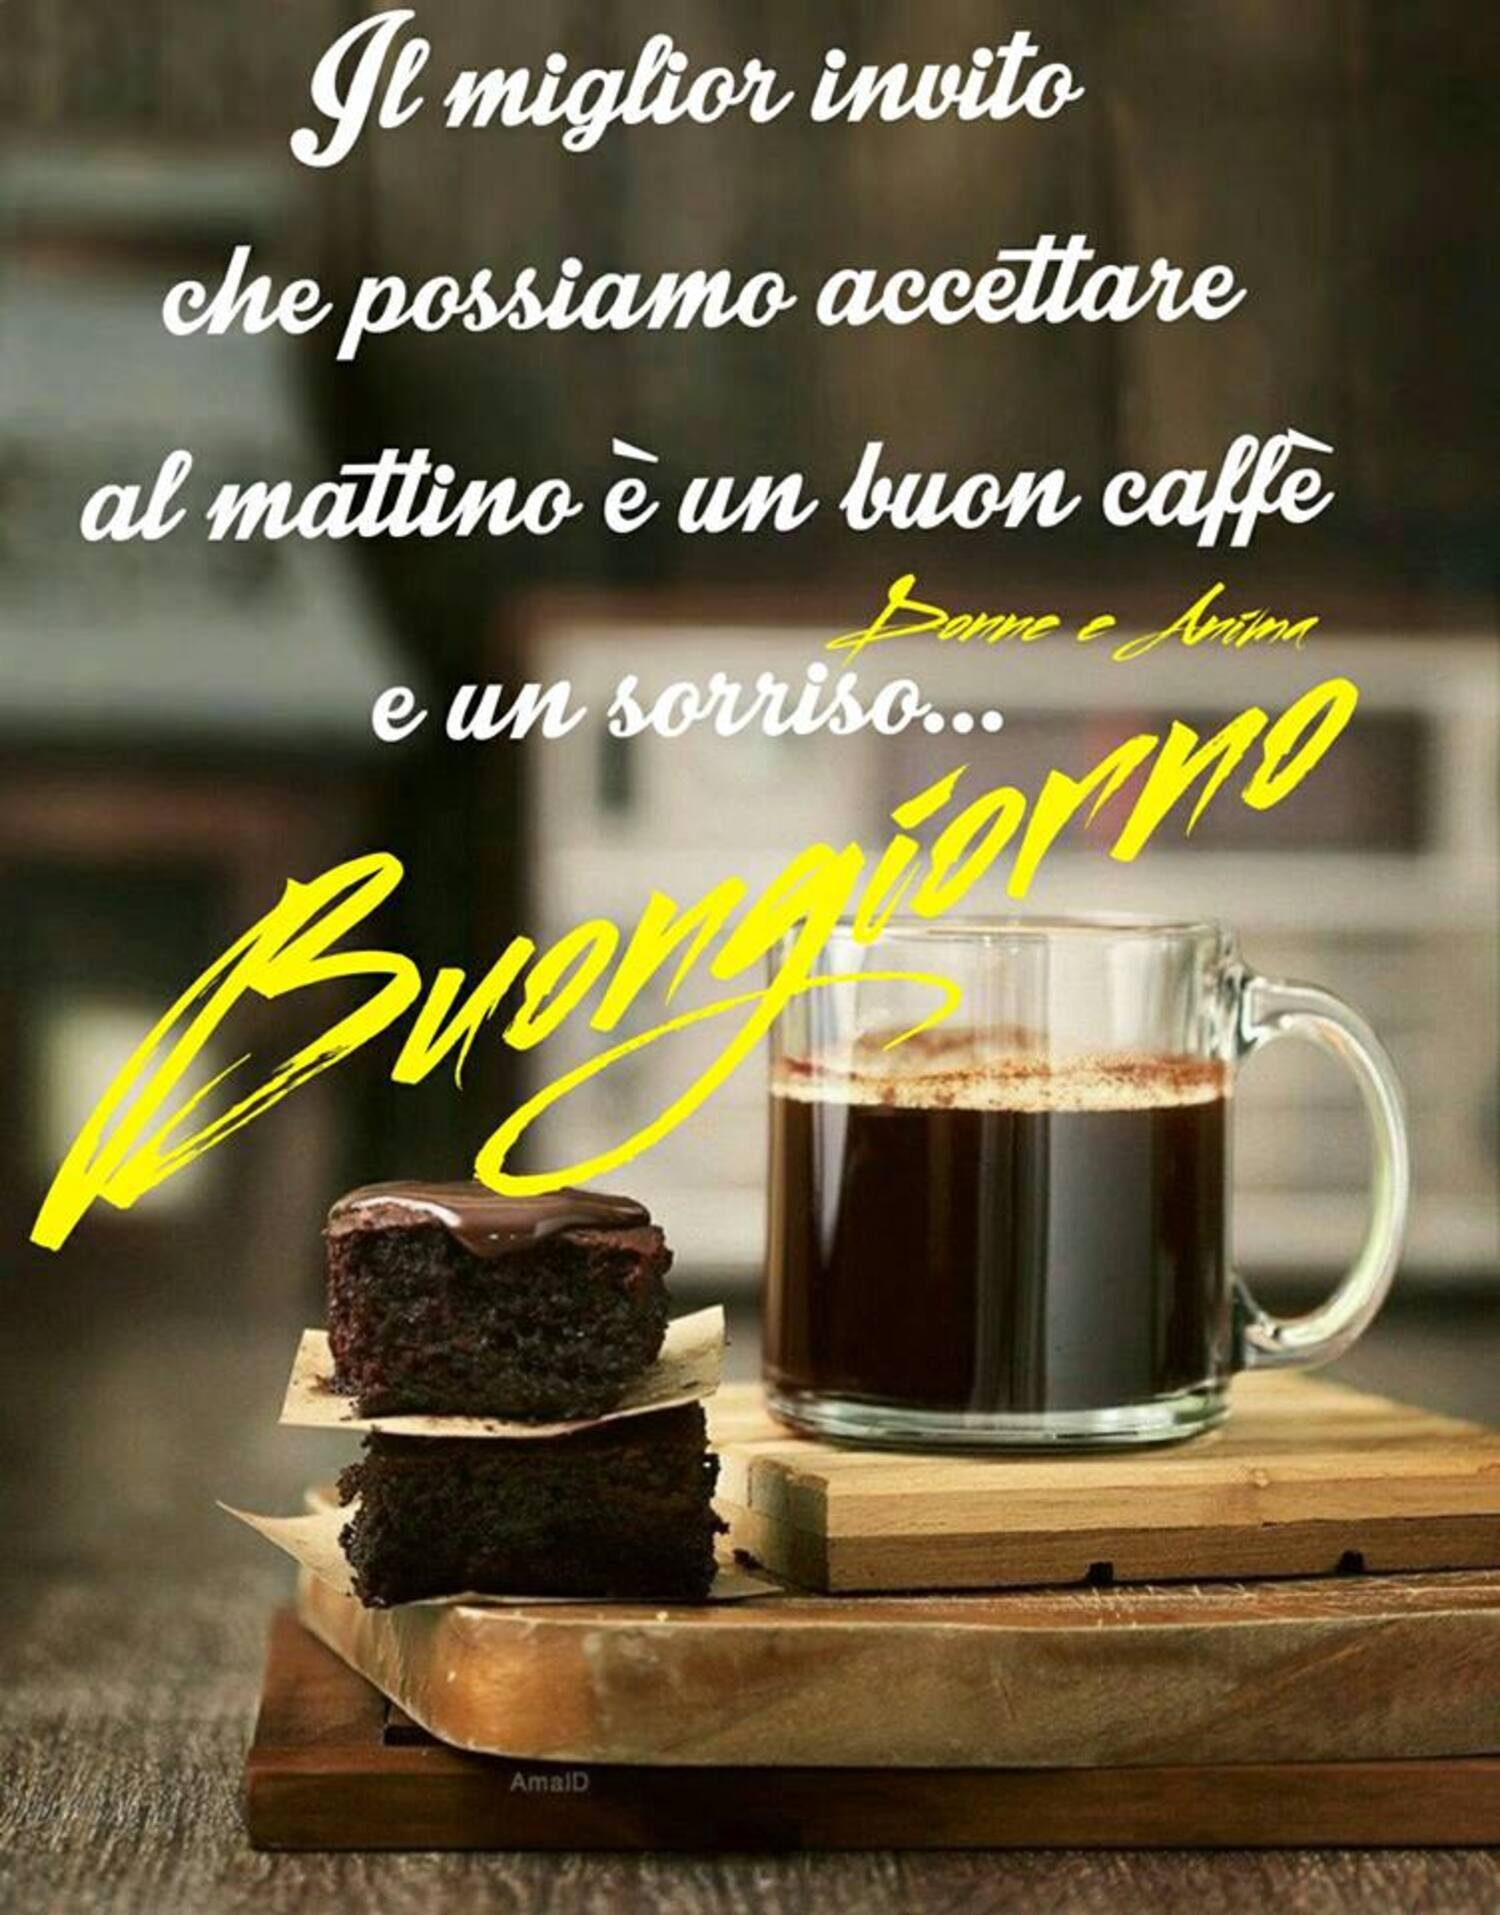 Il miglior invito che possiamo accettare al mattino, è un buon caffè e un sorriso... Buongiorno